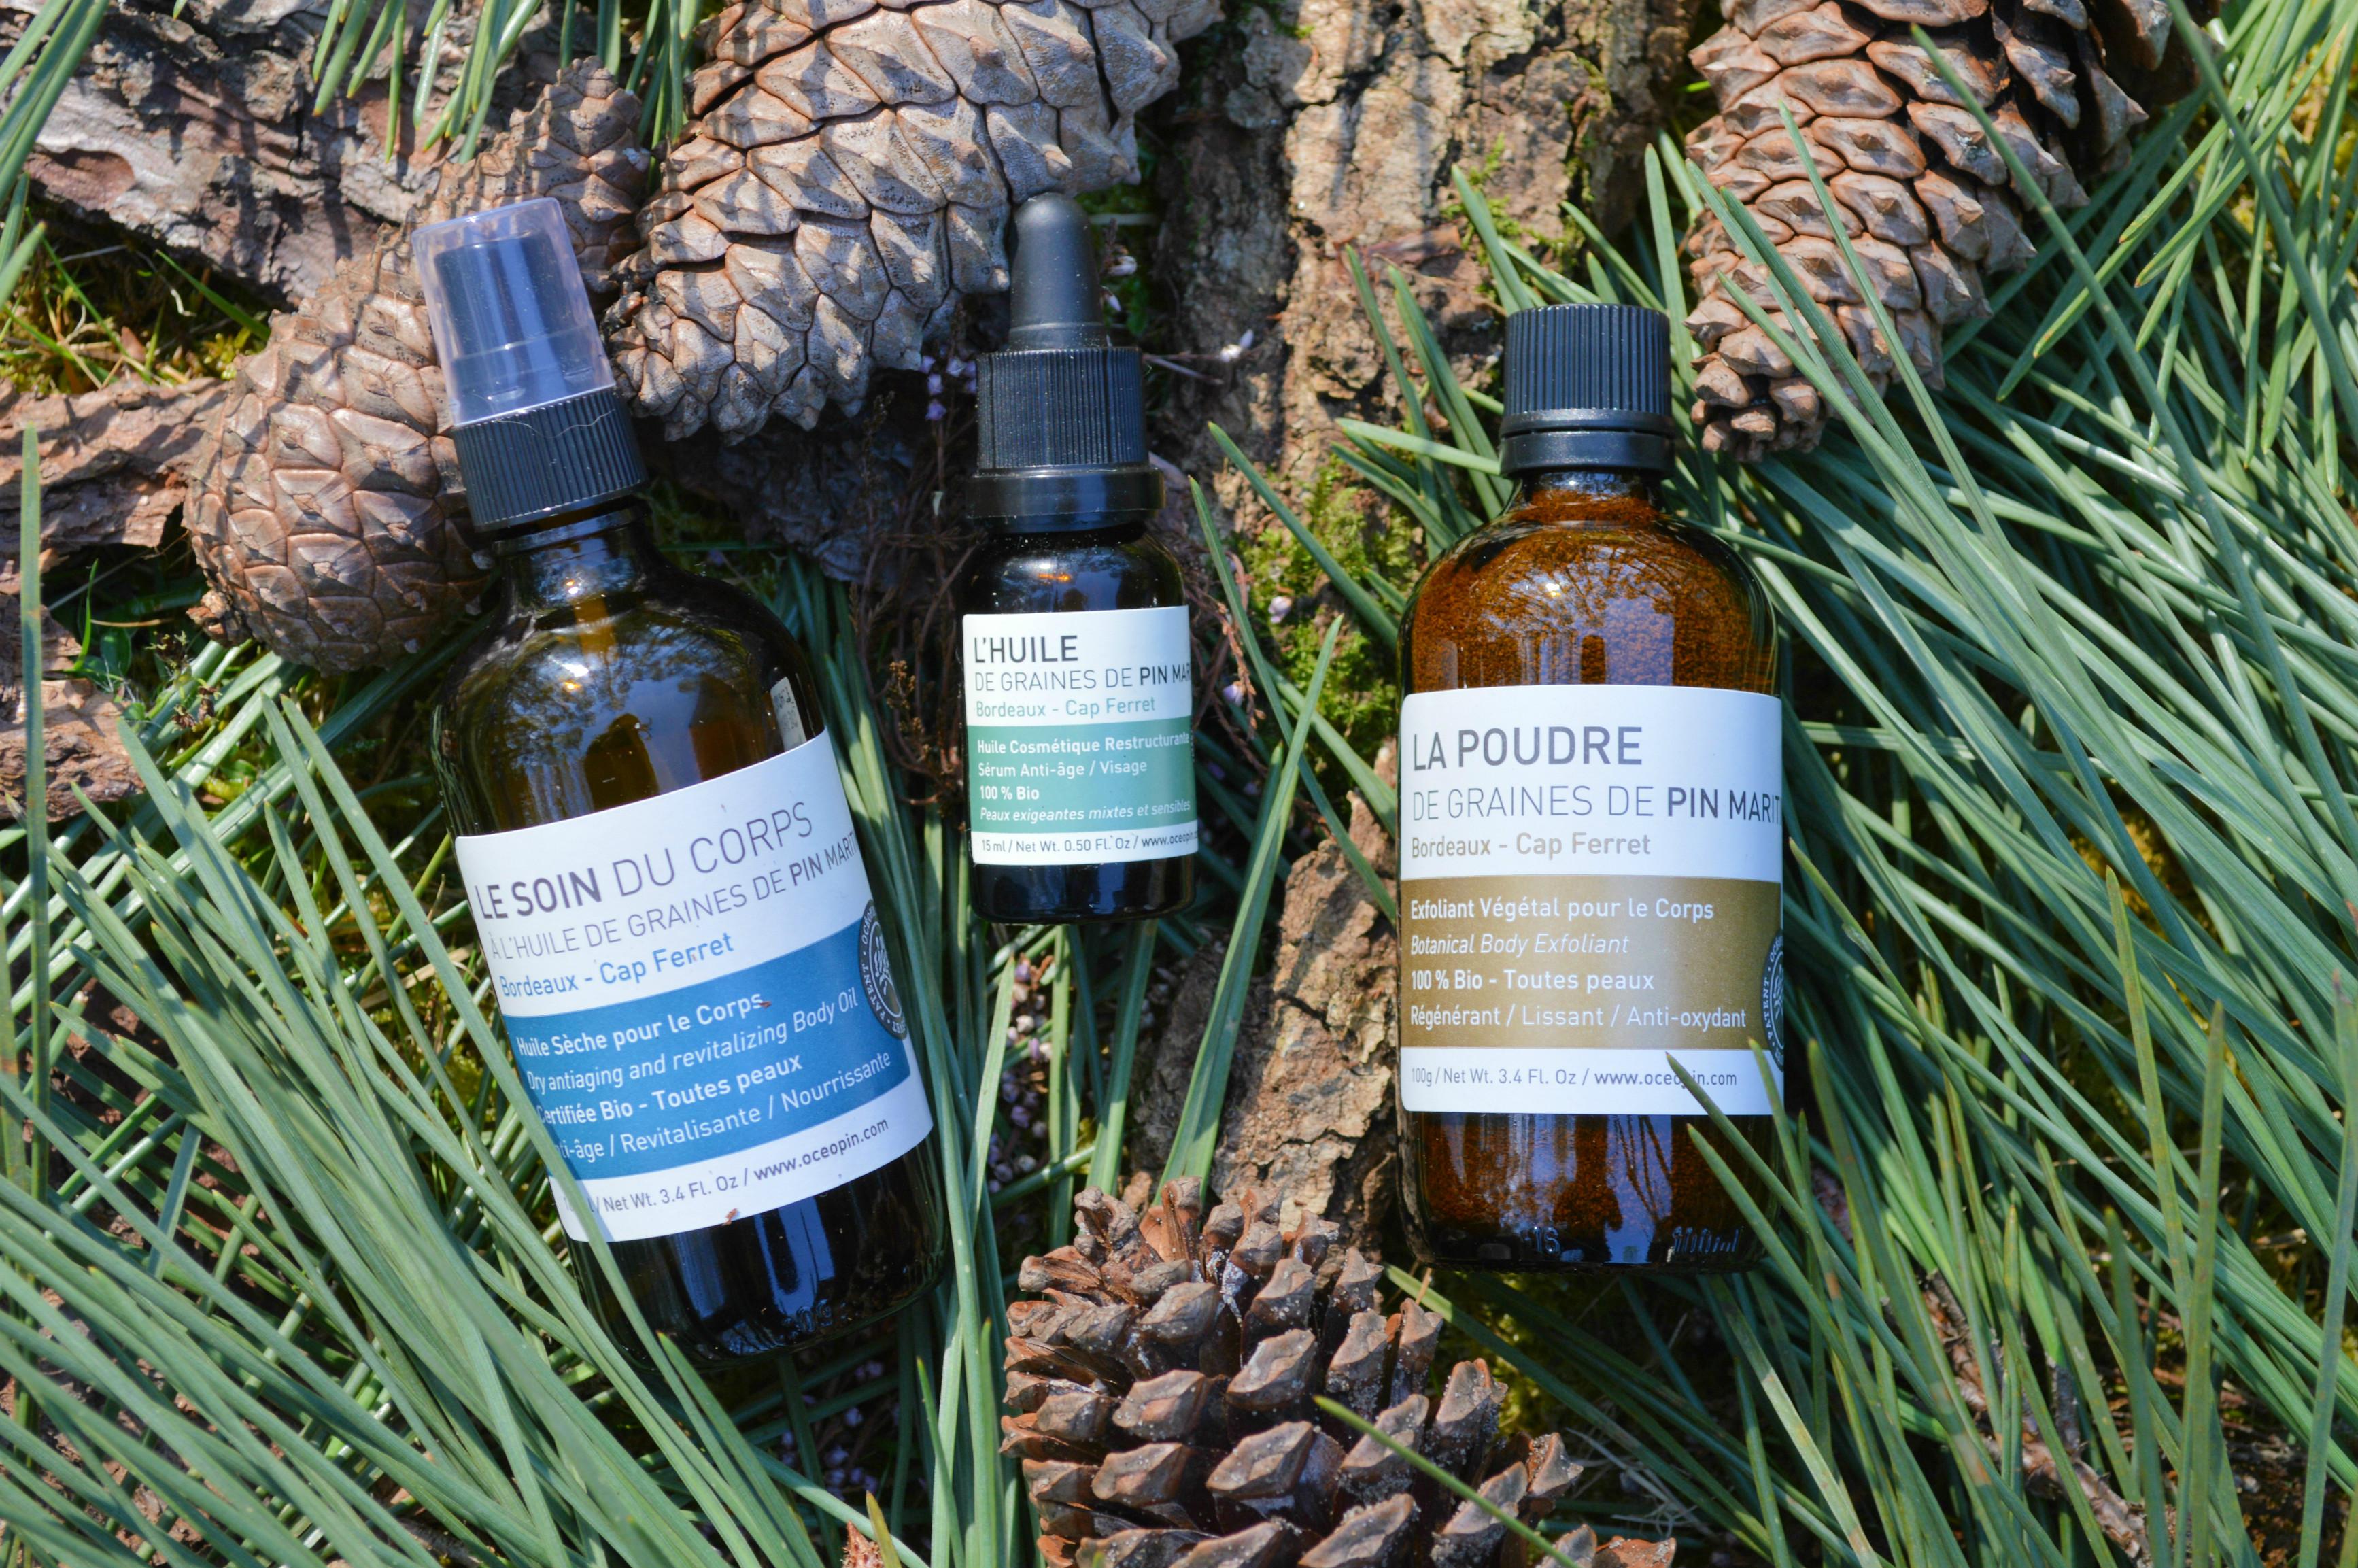 huile de graines de pins maritimes océopin bordeaux cap ferret Camille In Bordeaux